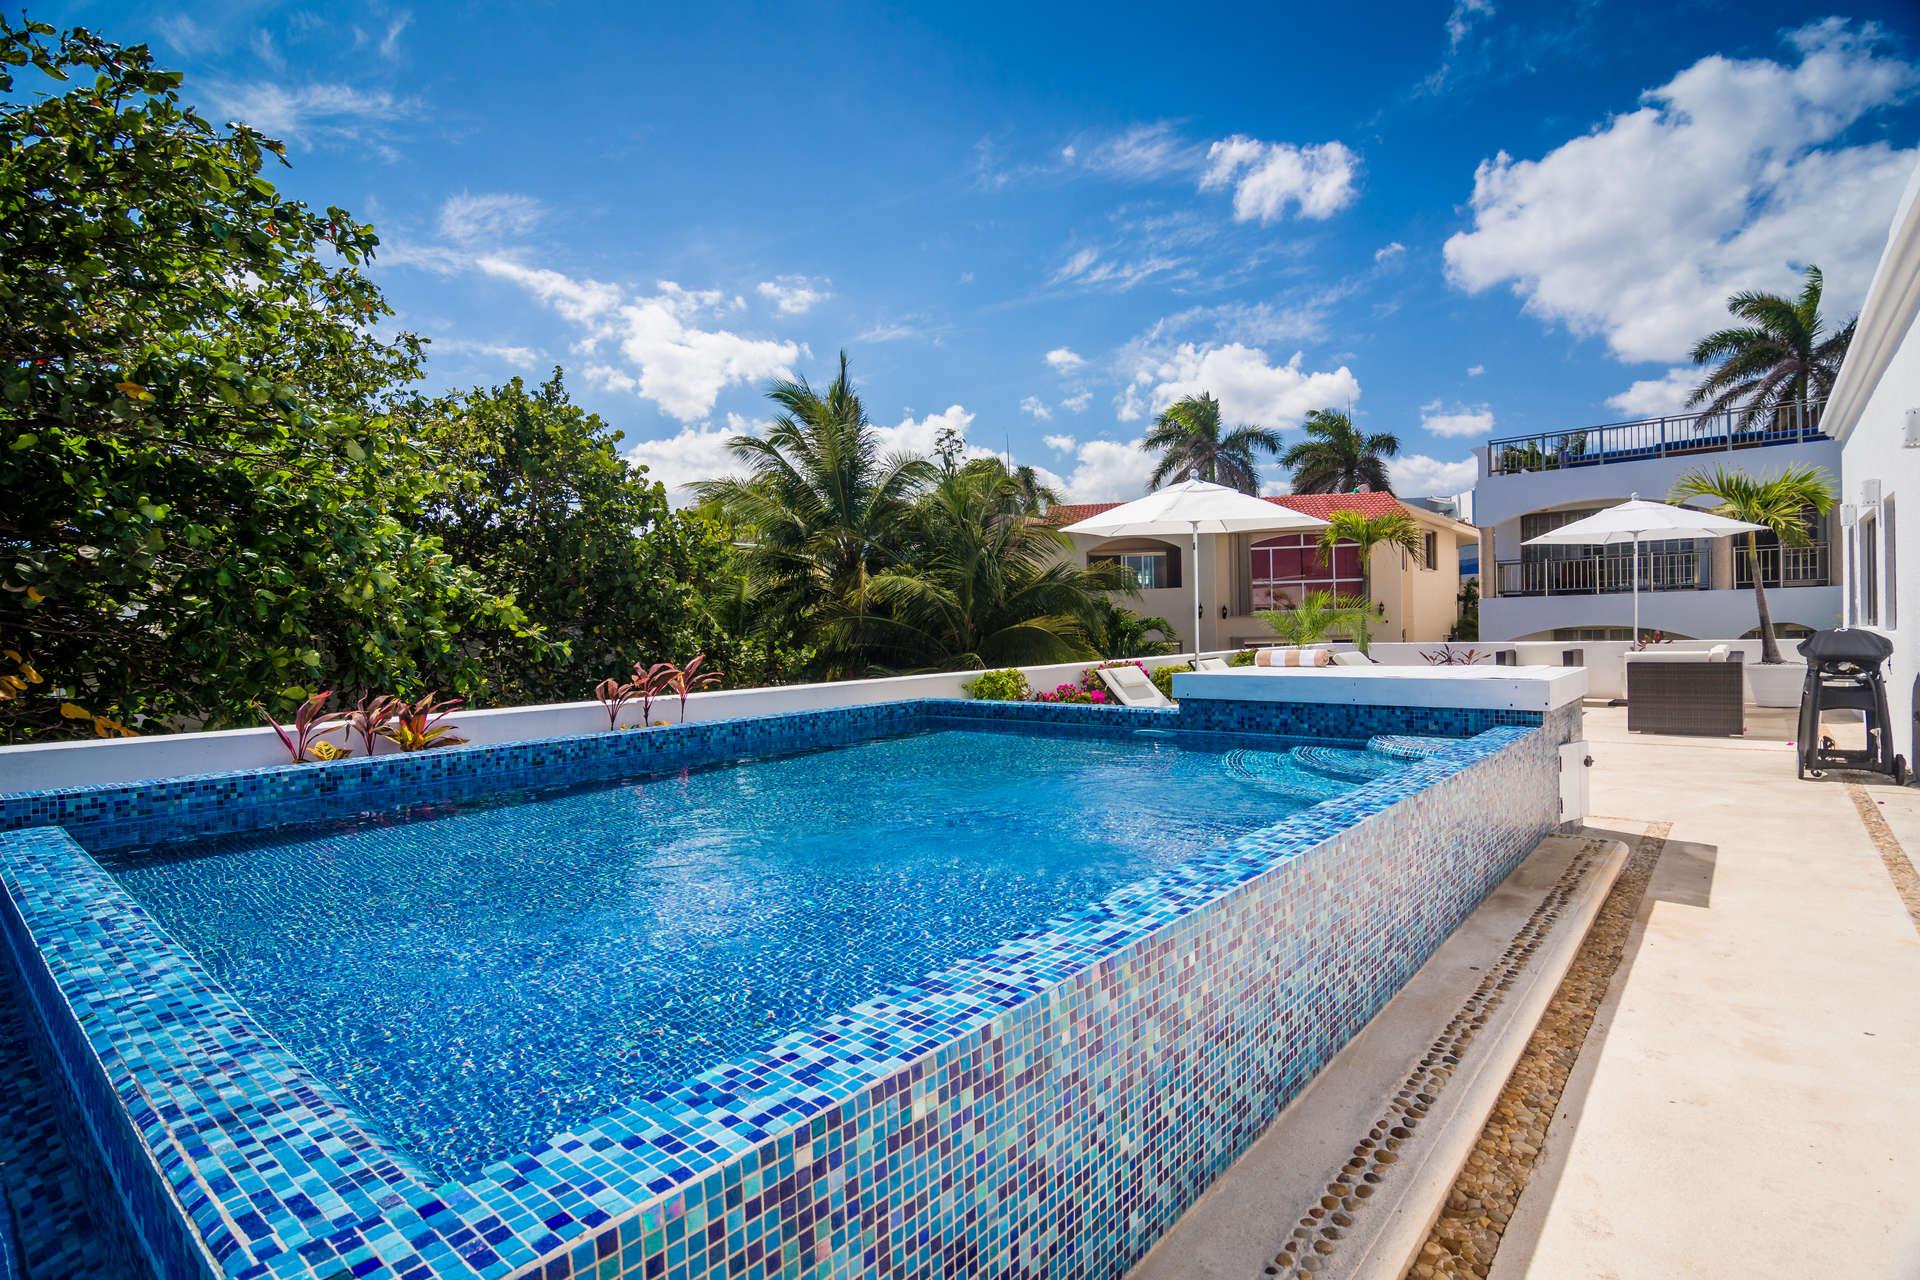 Luxury vacation rentals mexico - Riviera maya - Playa car - Vista Hermosa - Image 1/16